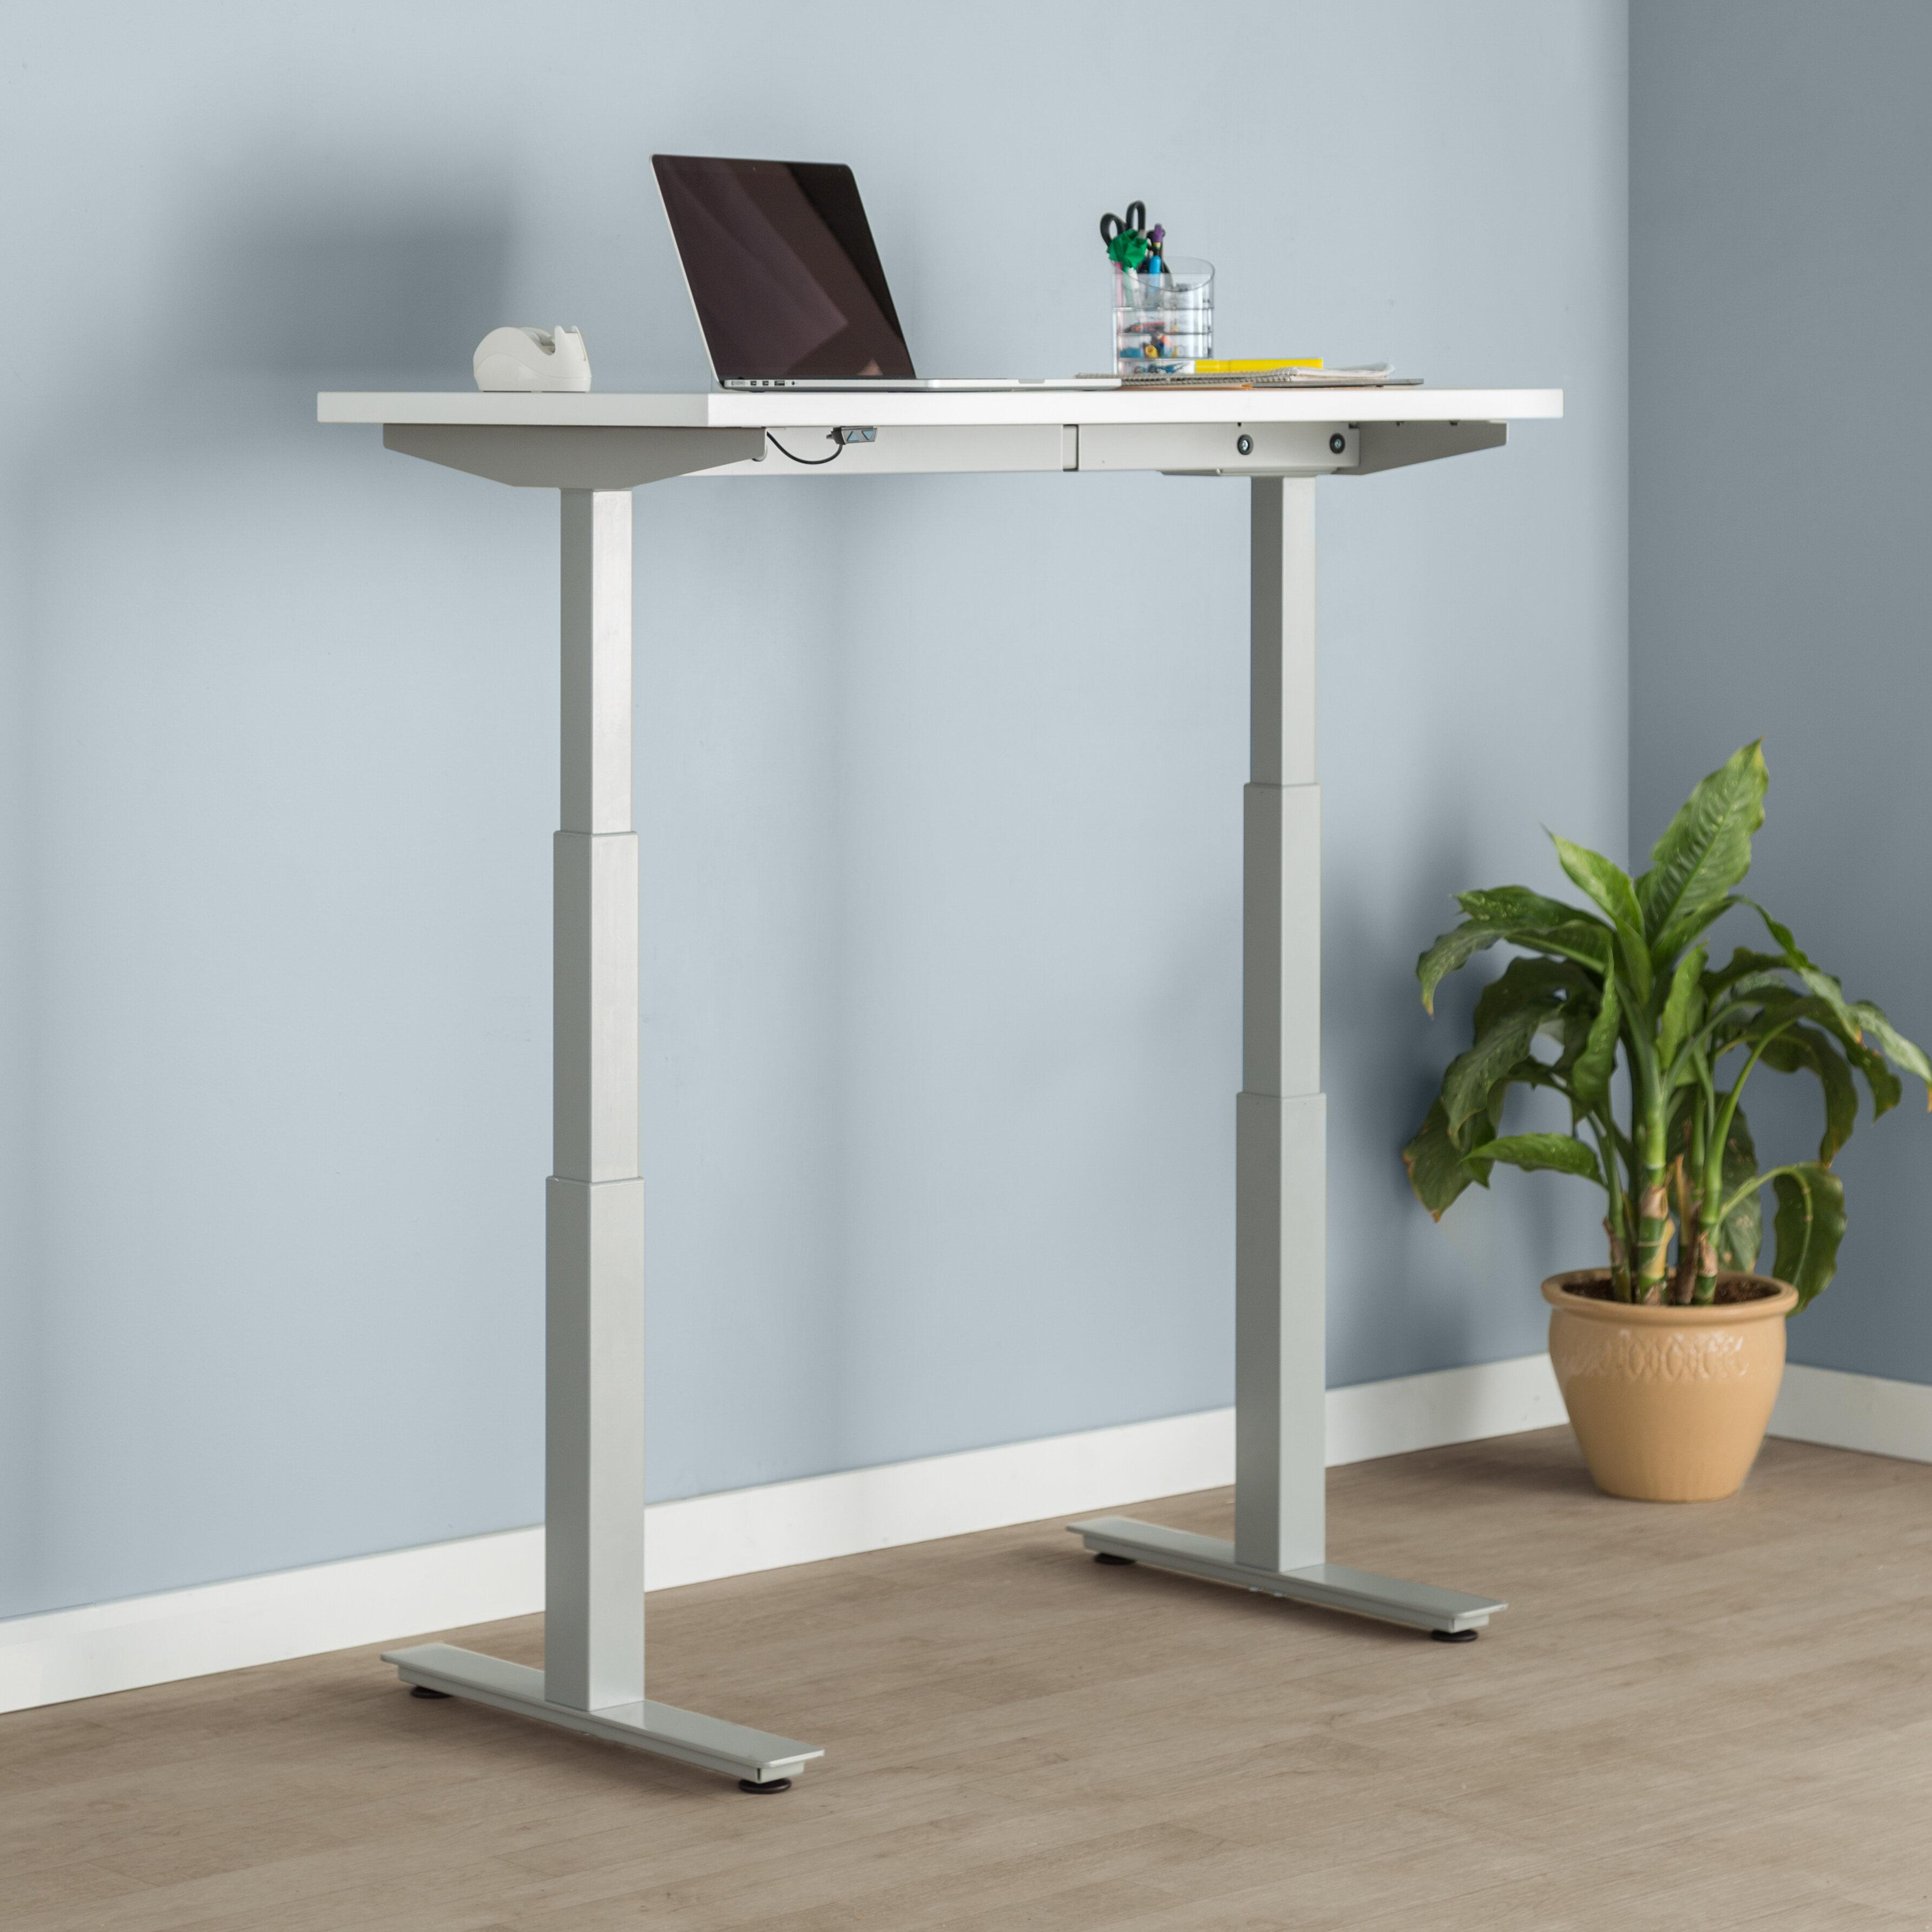 Trendway Express Height Adjustable Standing Desk | Wayfair